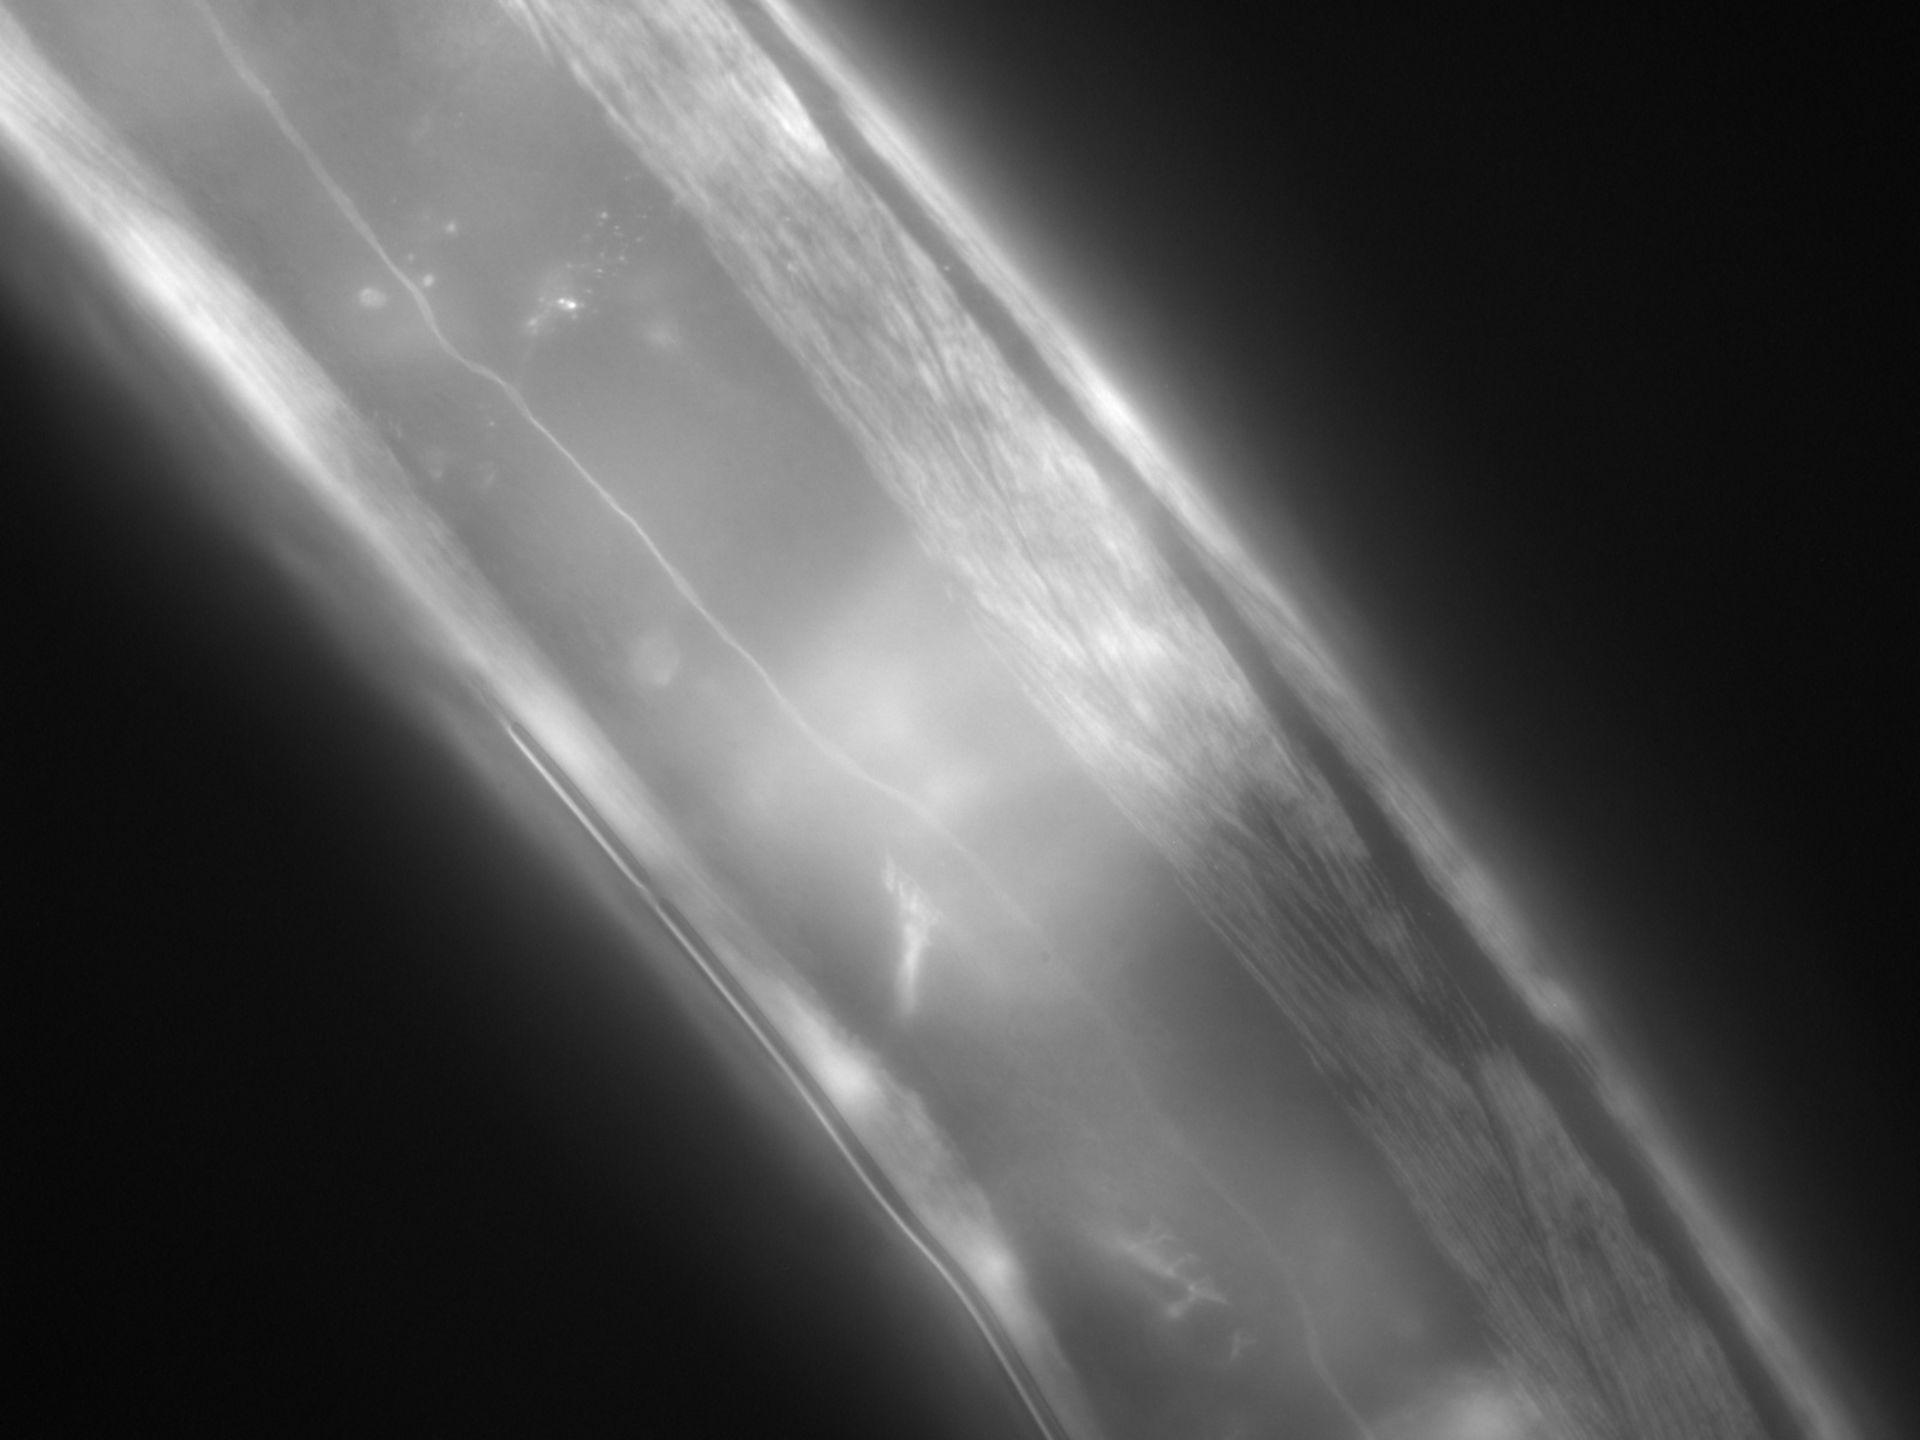 Caenorhabditis elegans (filamento di actina) - CIL:1287